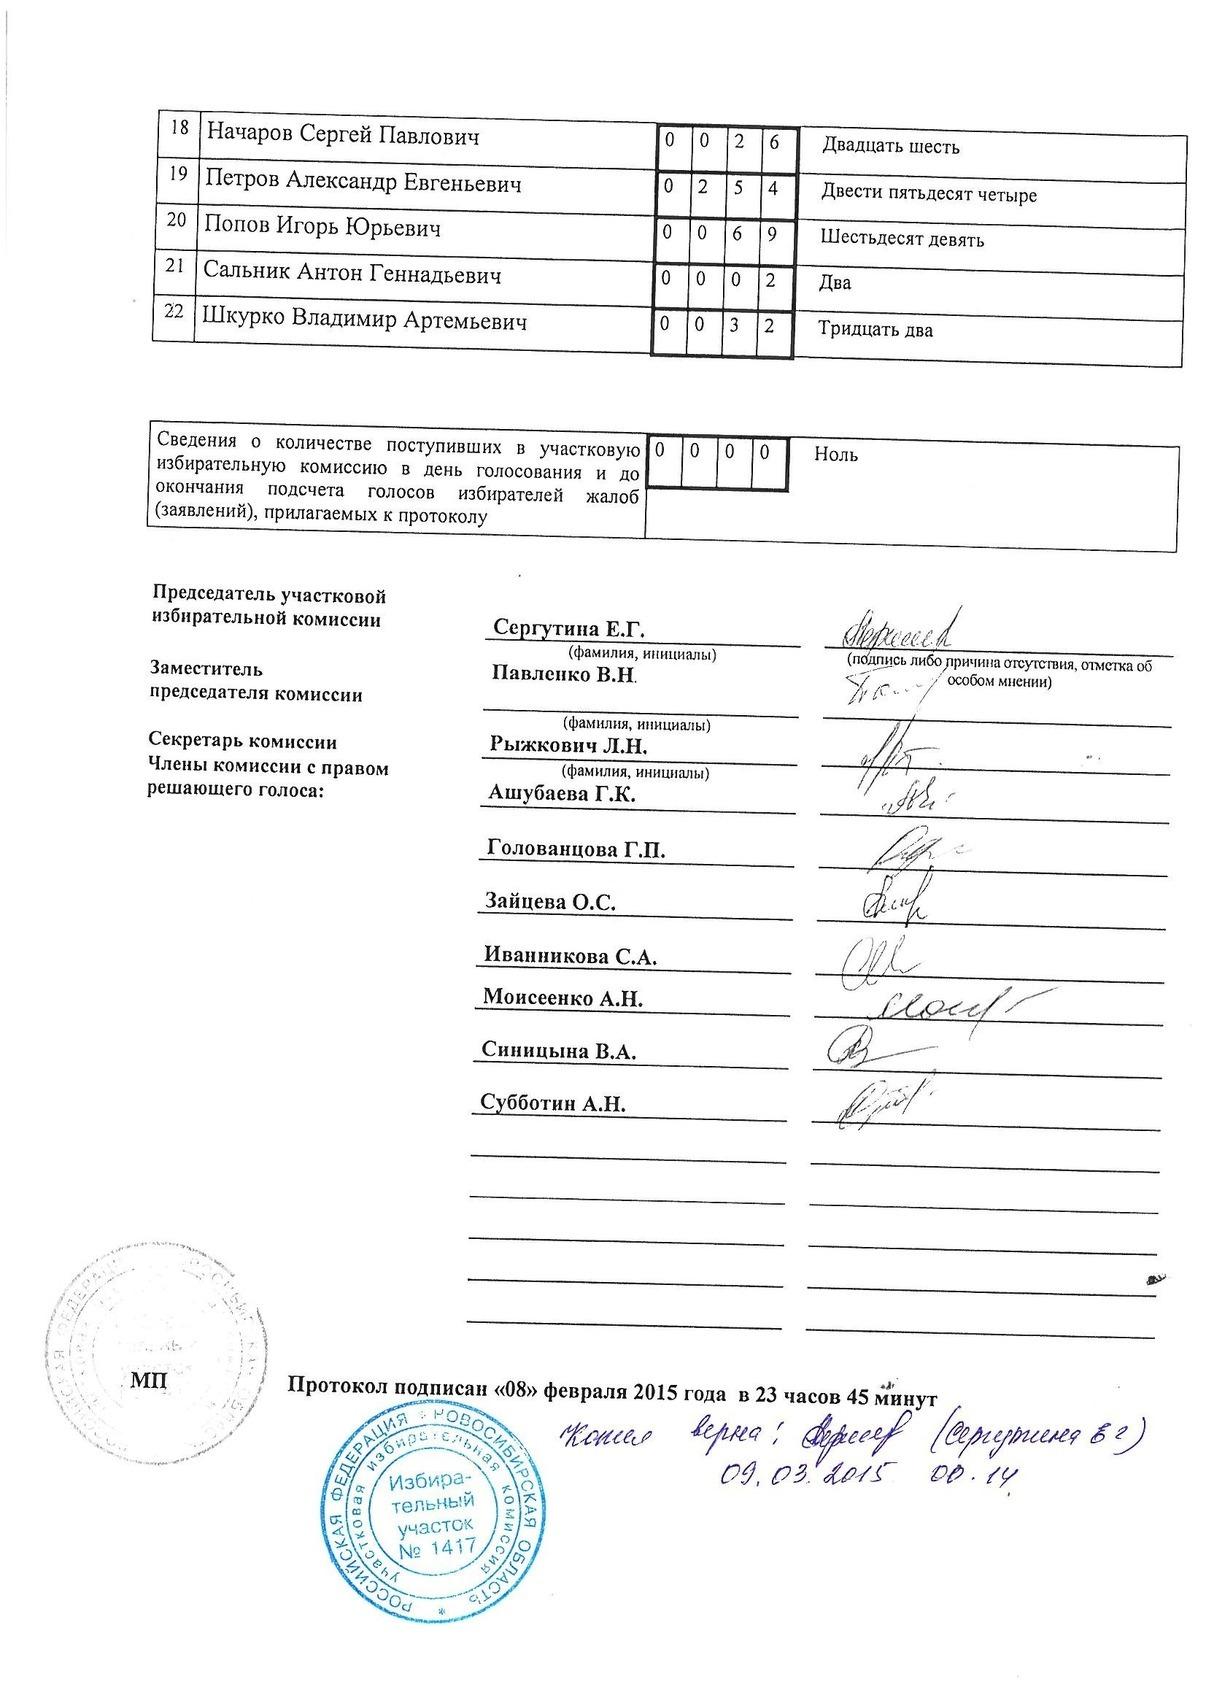 УИК №1417_2